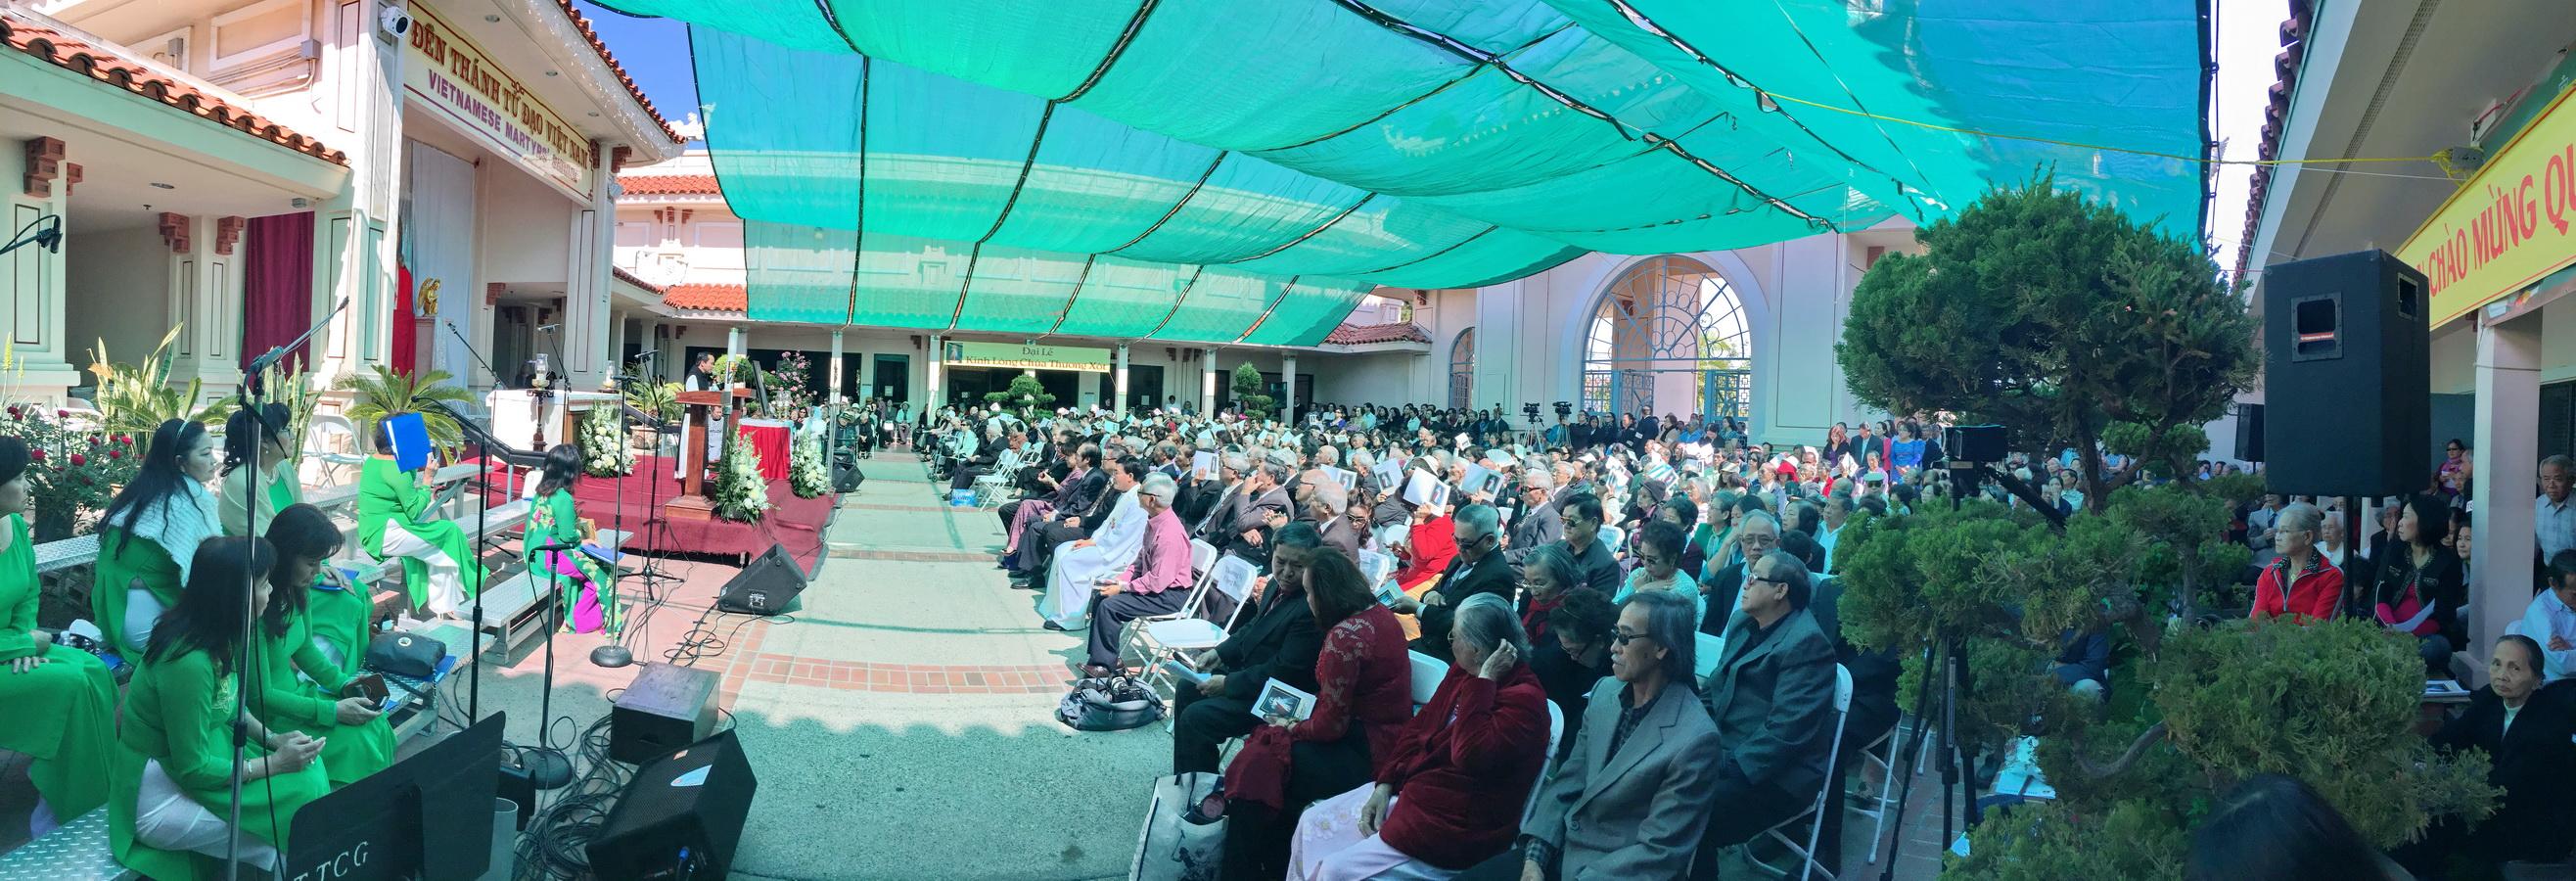 Cộng đồng giáo dân Việt Nam, và giáo xứ Anaheim tham dự Đại Lễ Lòng Chúa Thương Xót tại TT Công Giáo, Santa Ana (#3)